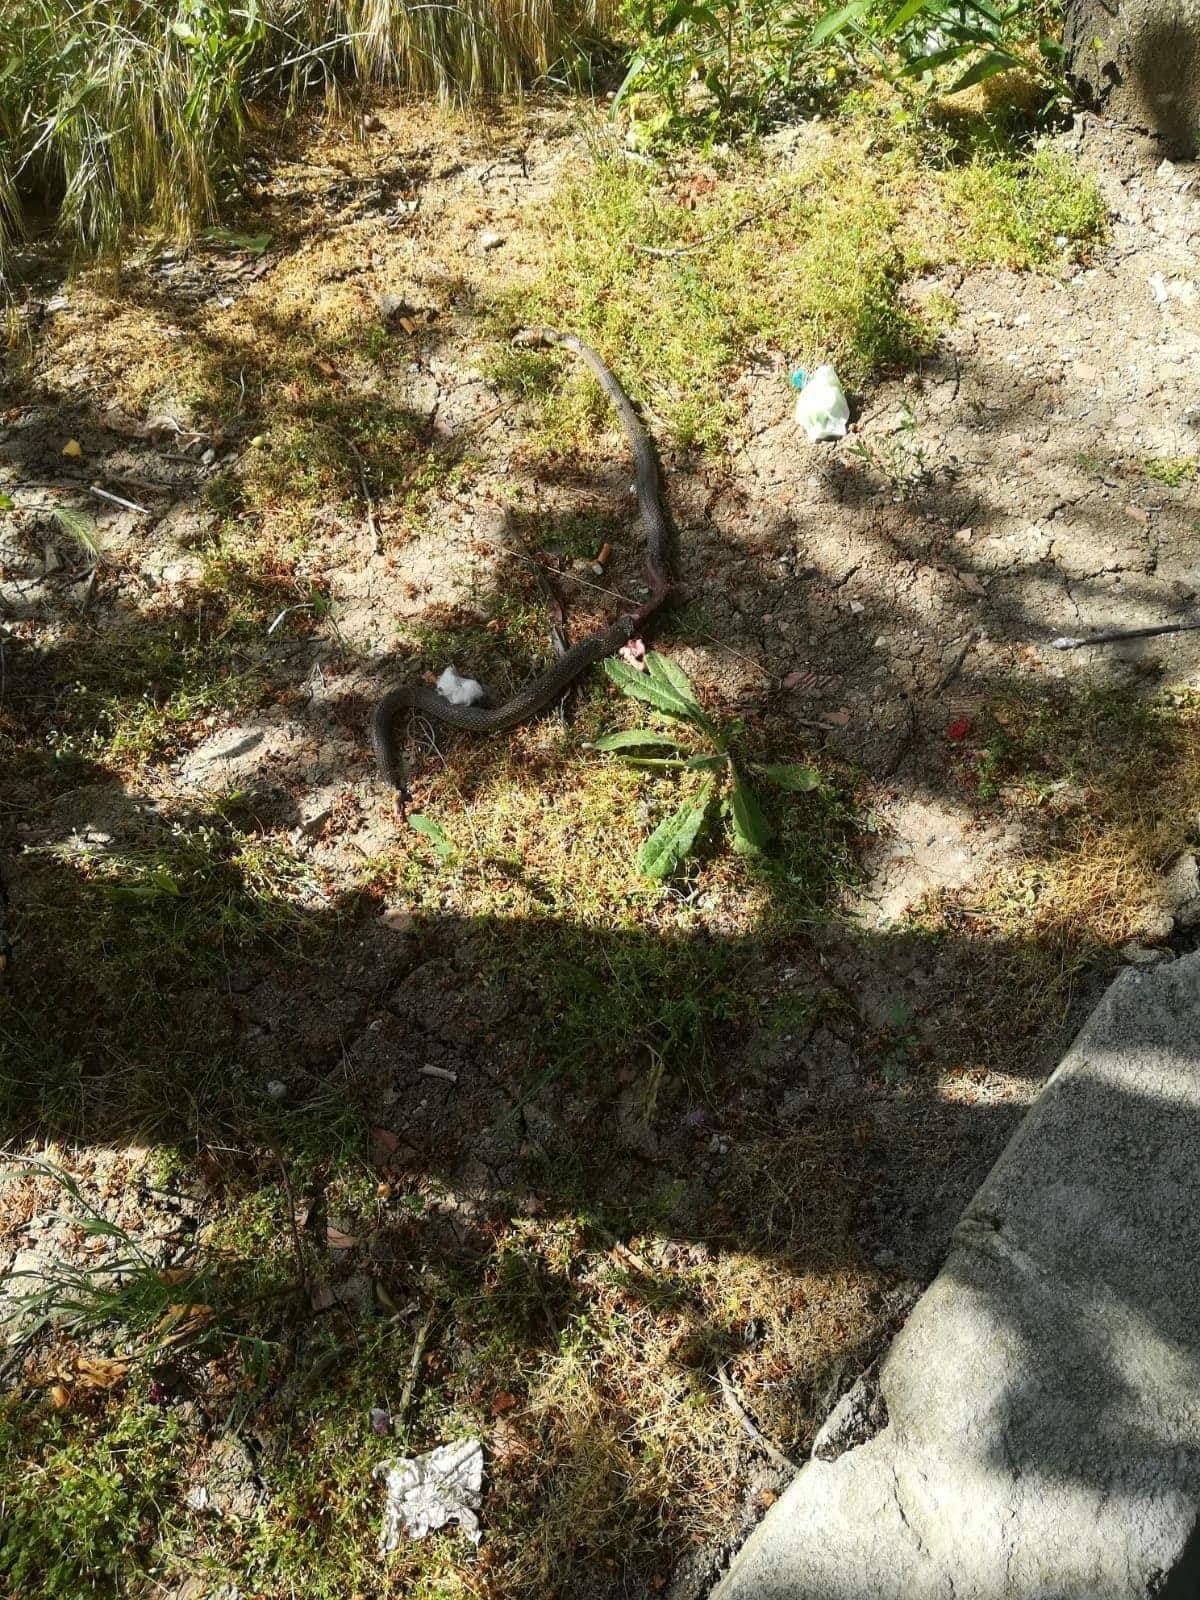 Silivri'de 3 Yaşındaki Çocuk İki Yılan Görünce Dehşete Düştü